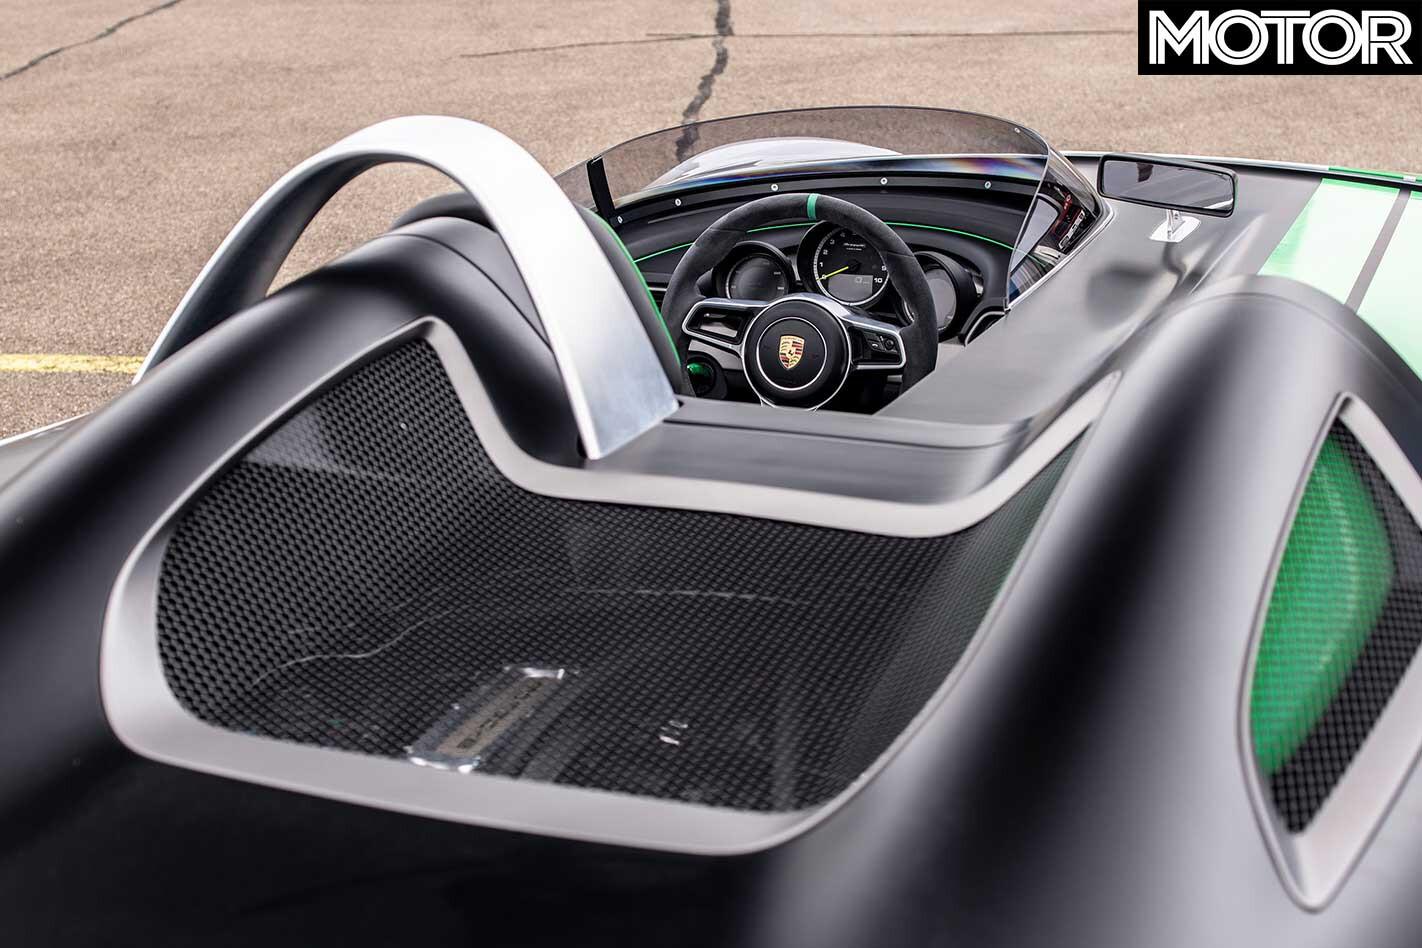 Porsche Boxster 981 Bergspyder Rear Deck Jpg